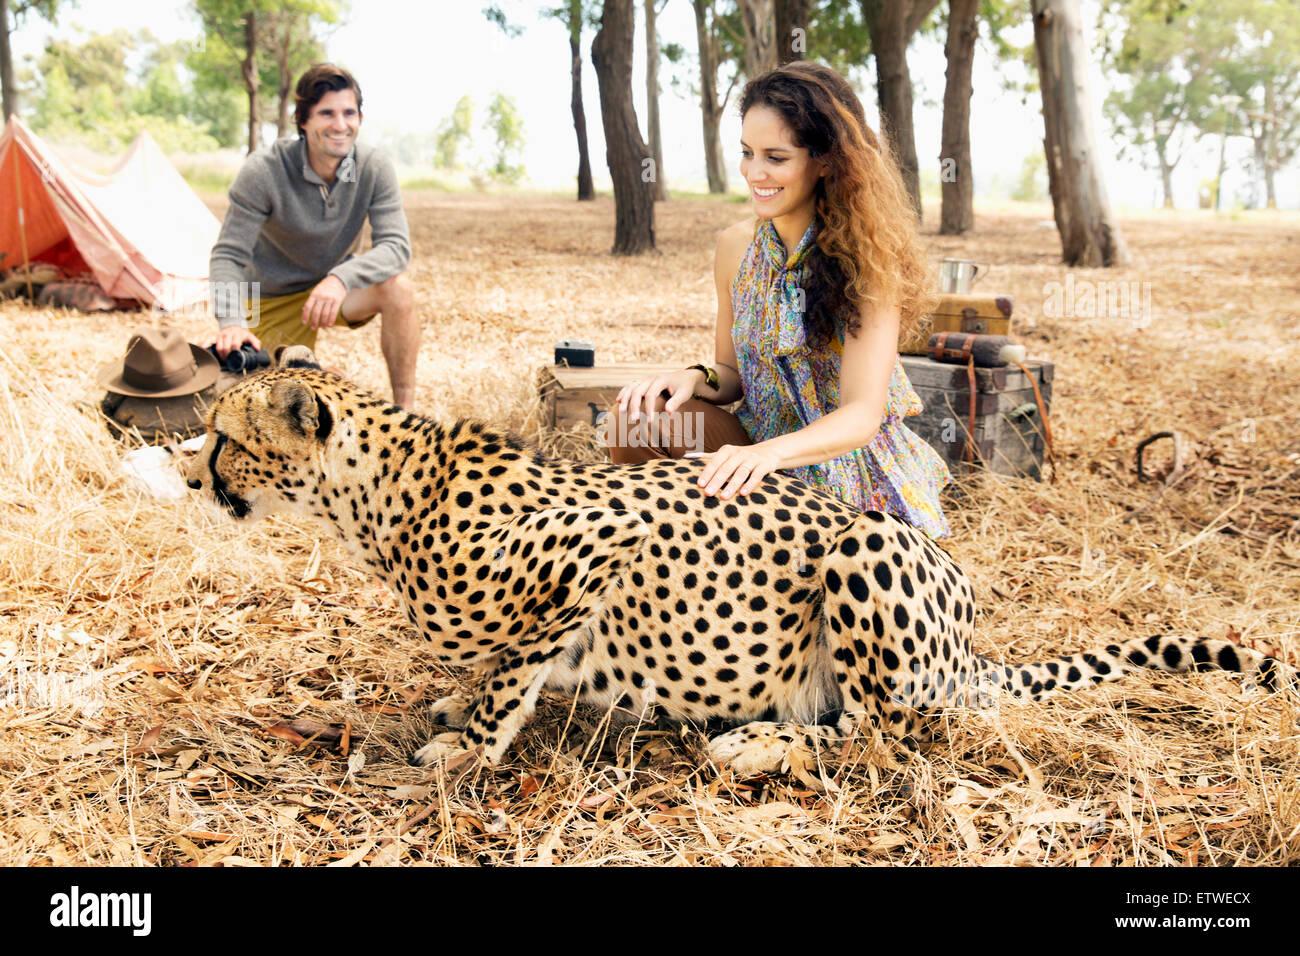 Südafrika, Frau streicheln zahme Geparden auf Wiese mit Mann im Hintergrund Stockbild